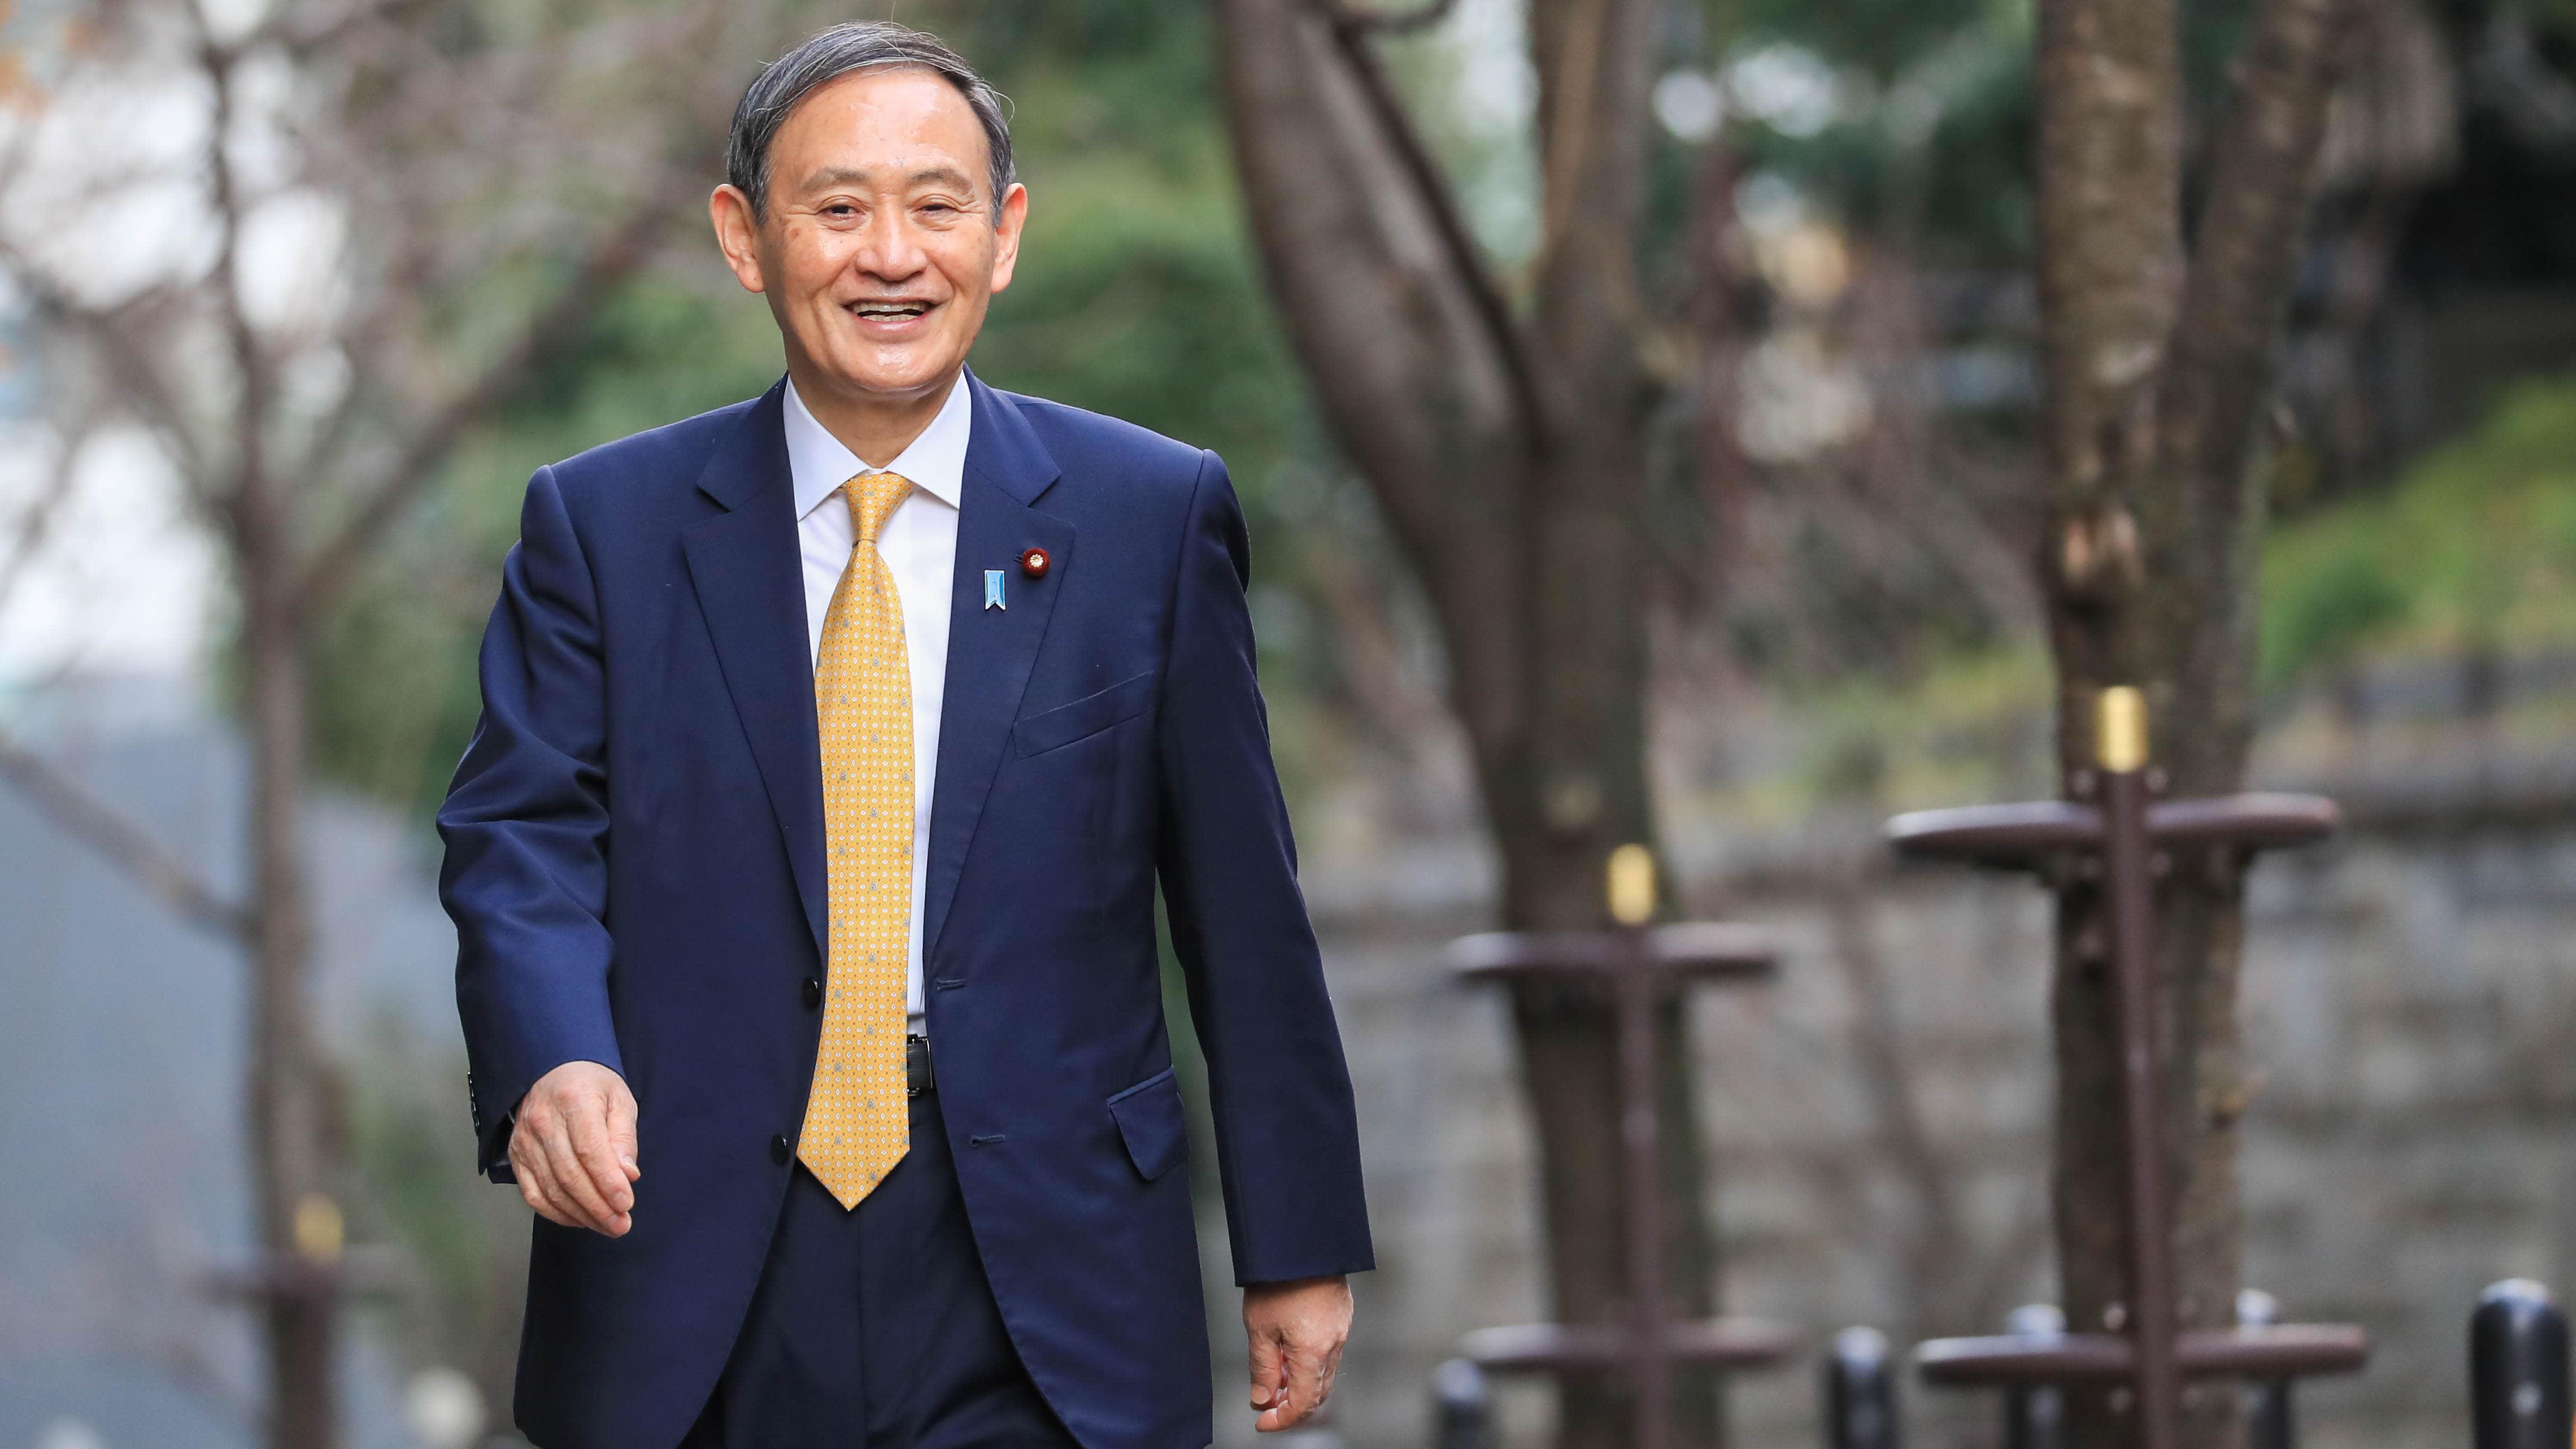 Ông Suga Yoshihide thắng cuộc bầu cử của đảng LDP, trở thành nhà lãnh đạo mới kế nhiệm ông Abe Shinzo - Ảnh 1